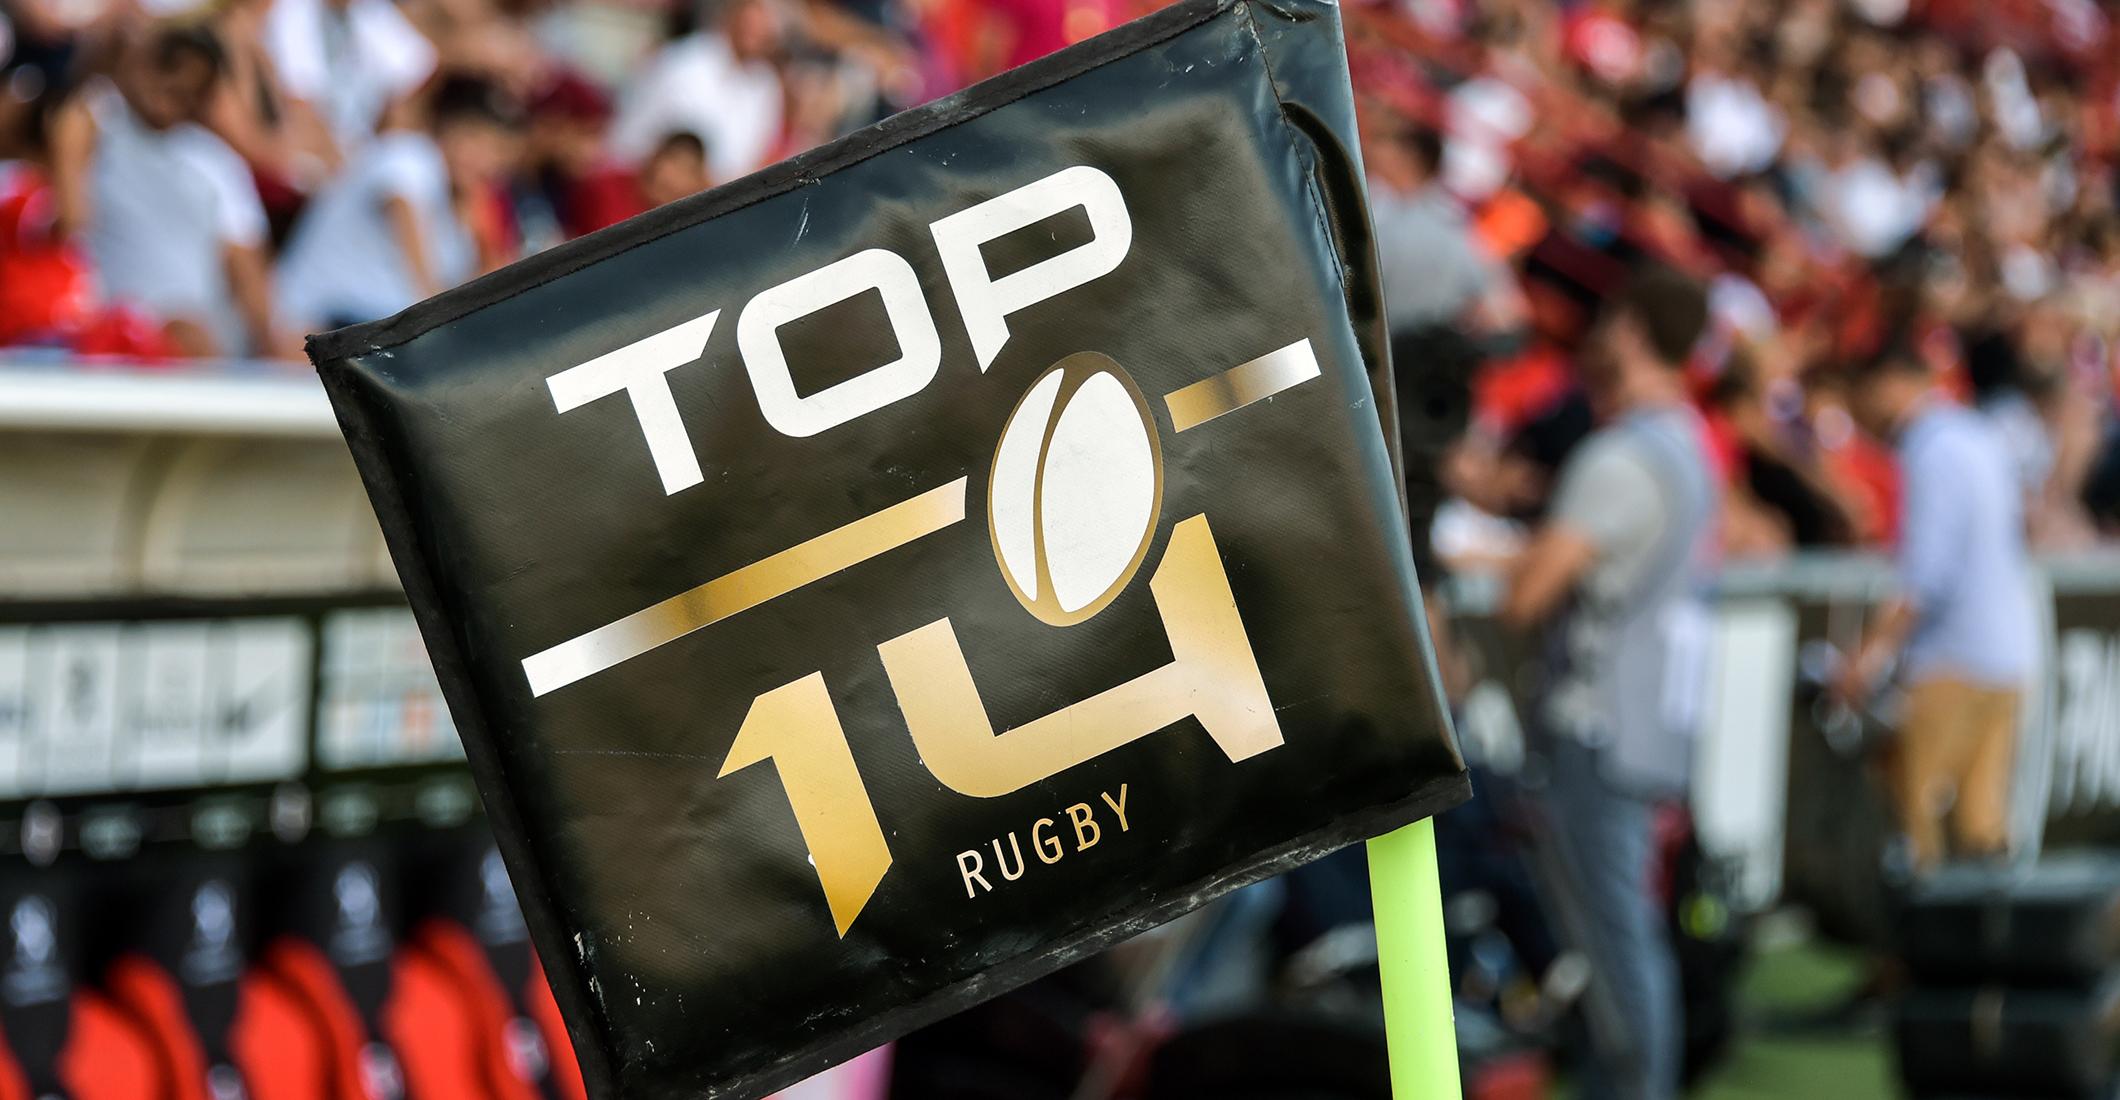 Calendrier 2020 Top 14.Top 14 Les Calendriers De La Saison 2019 2020